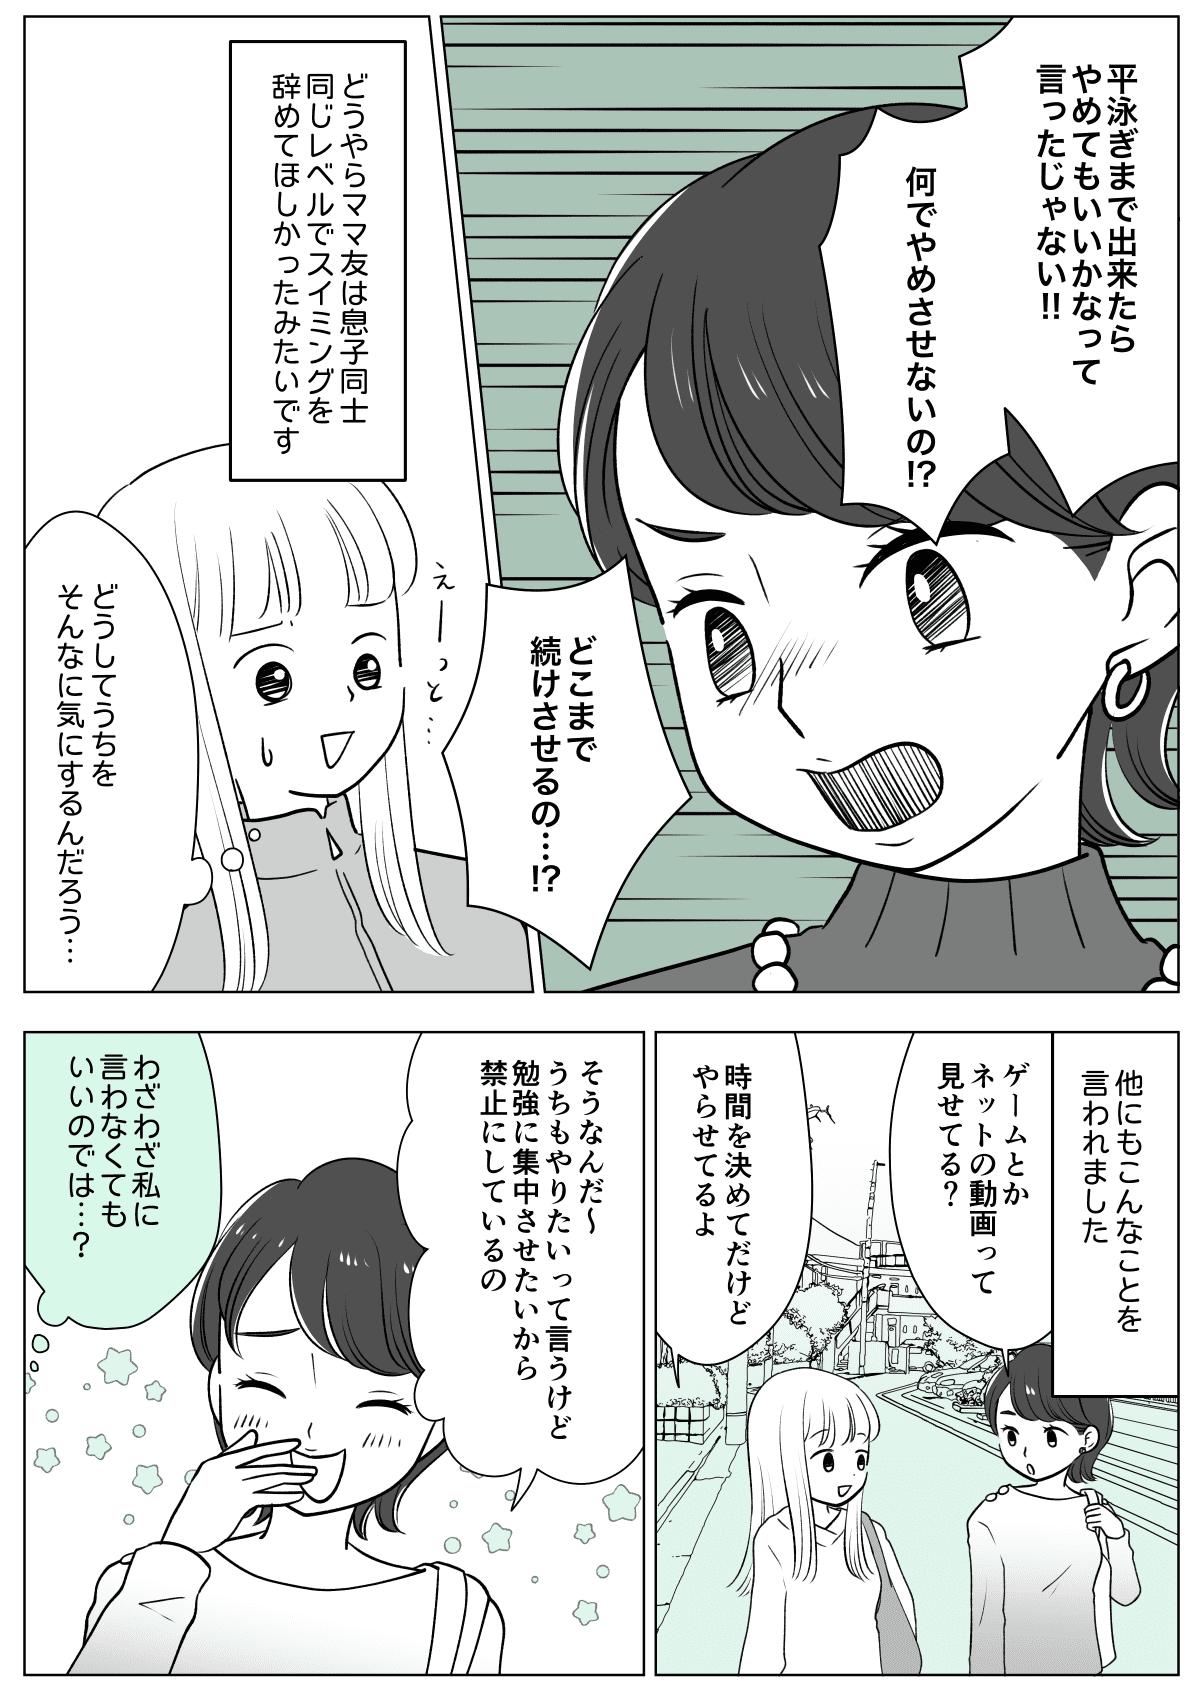 【前編】週6で子どもに習い事をさせるママ友からのマウンティング!-2